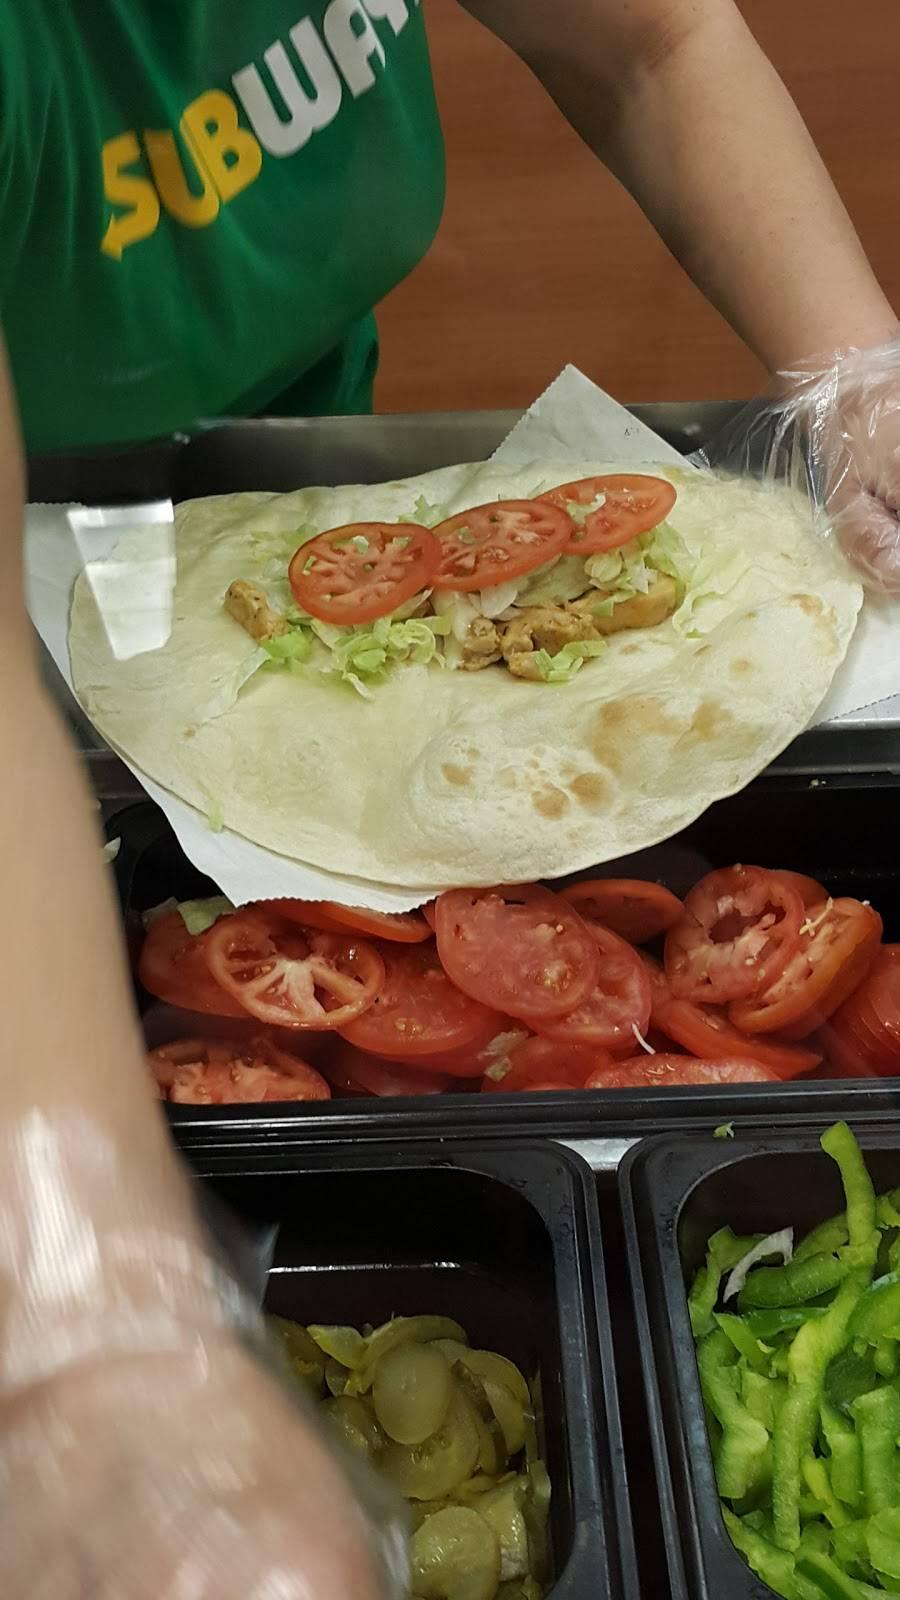 Subway Restaurants | restaurant | 6555 N Clark St, Chicago, IL 60626, USA | 7733386640 OR +1 773-338-6640